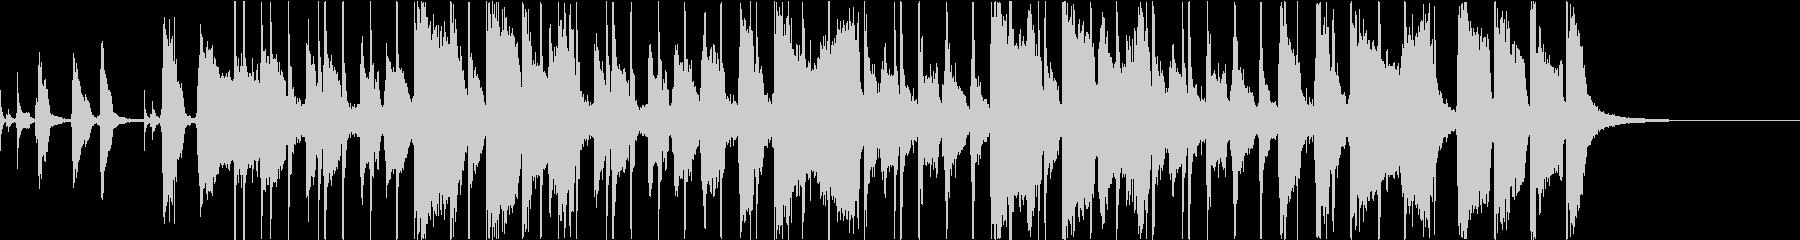 ブラス・カッティング、キレのあるファンクの未再生の波形